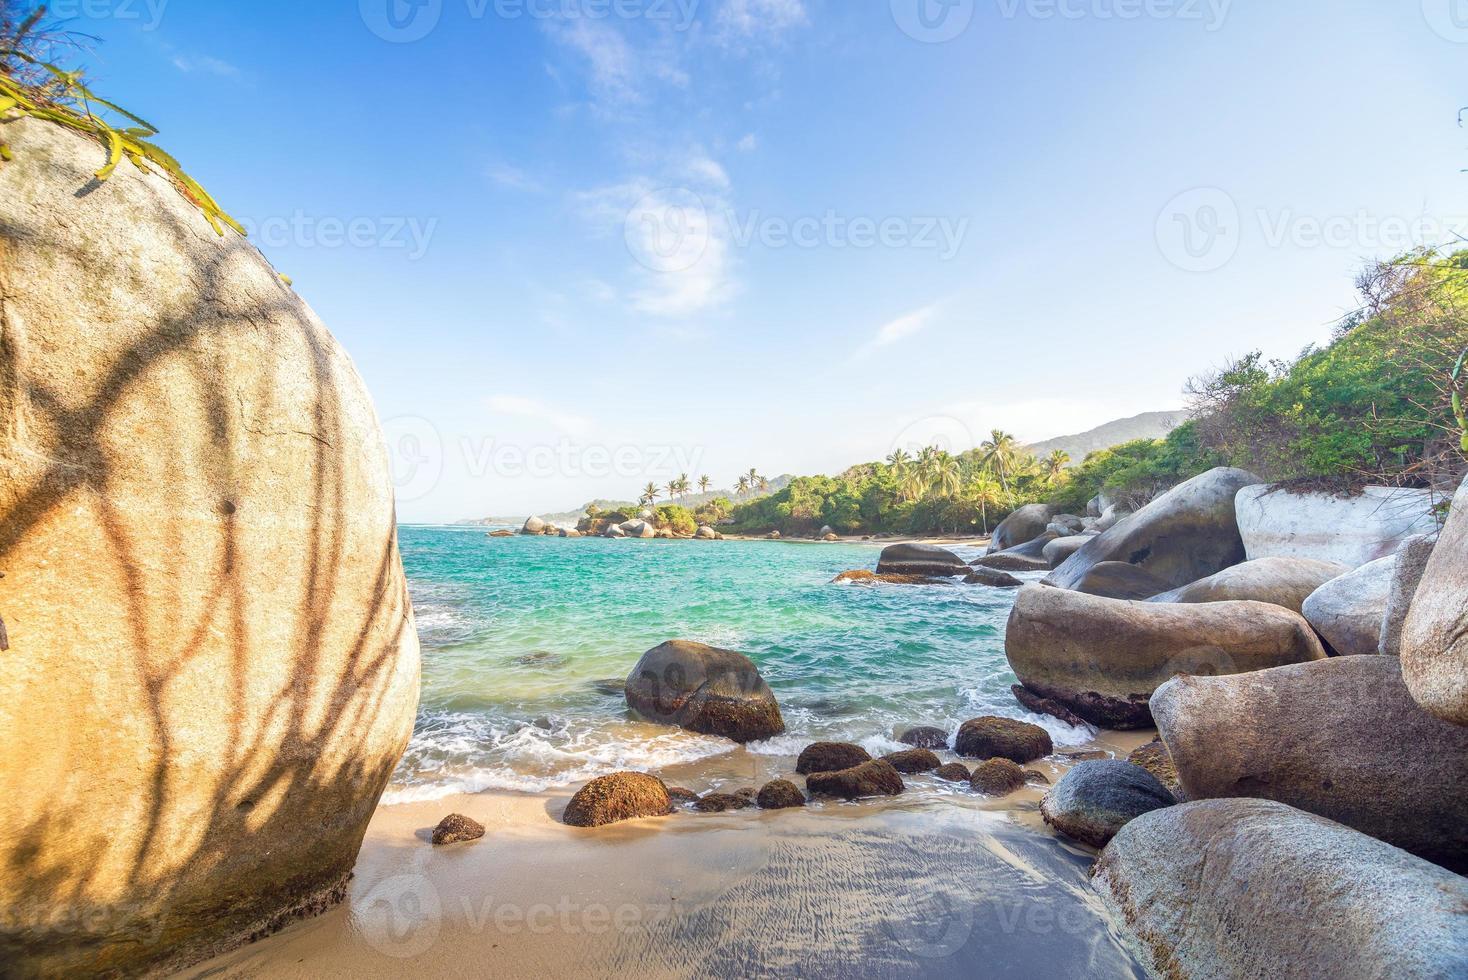 rocce e caraibi foto